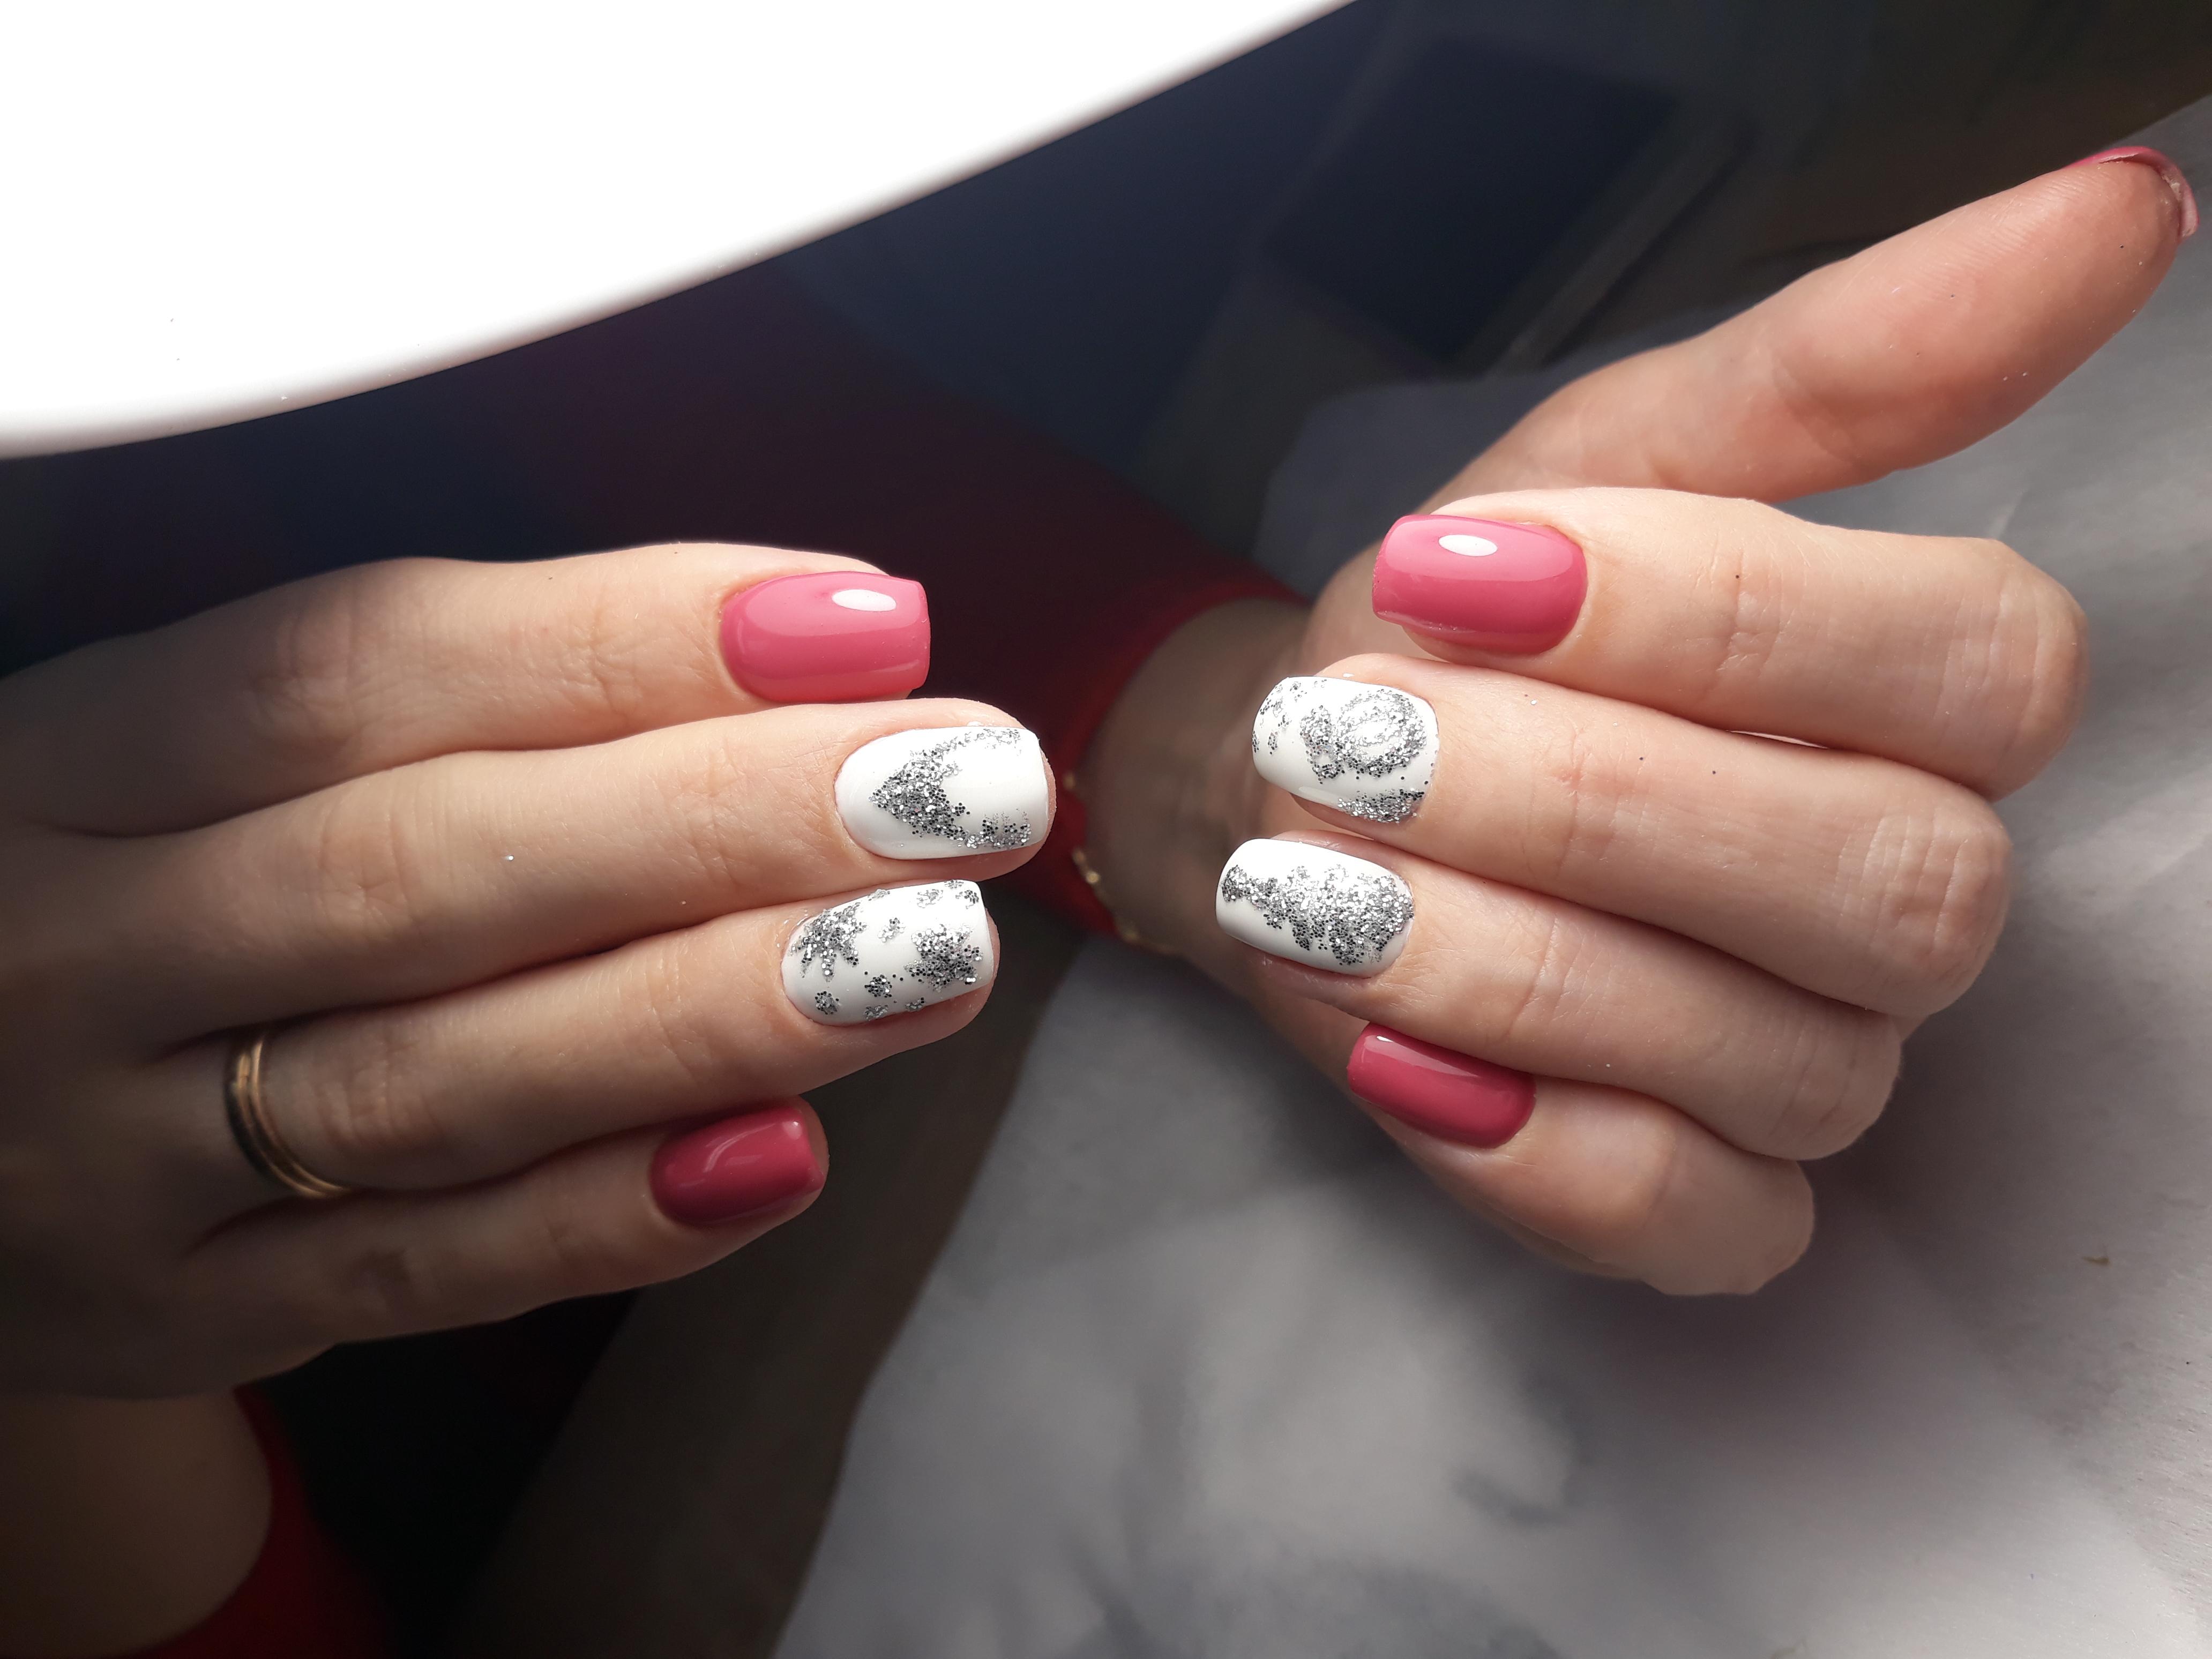 Маникюр в розовом цвете с белым дизайном и серебряными новогодними рисунками.